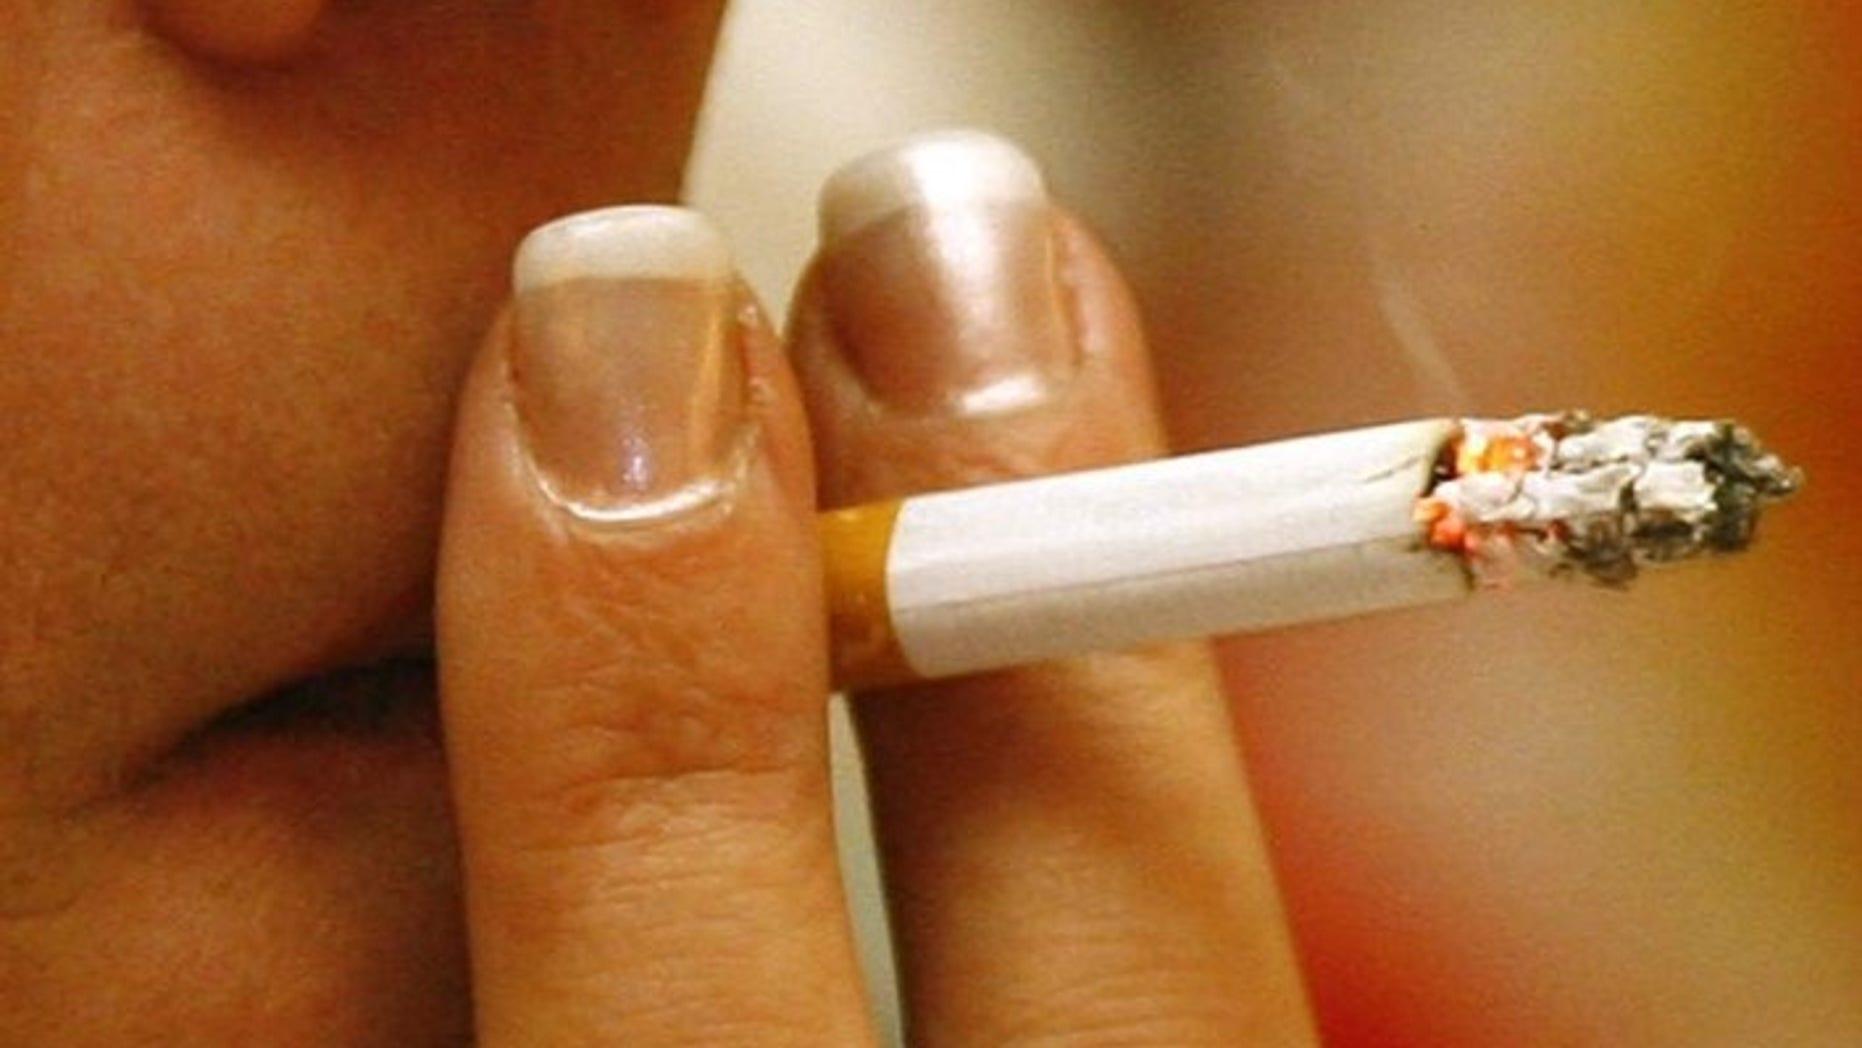 A woman smokes a cigarette in a restaurant in Munich, December 31, 2007.  REUTERS/Alexandra Beier